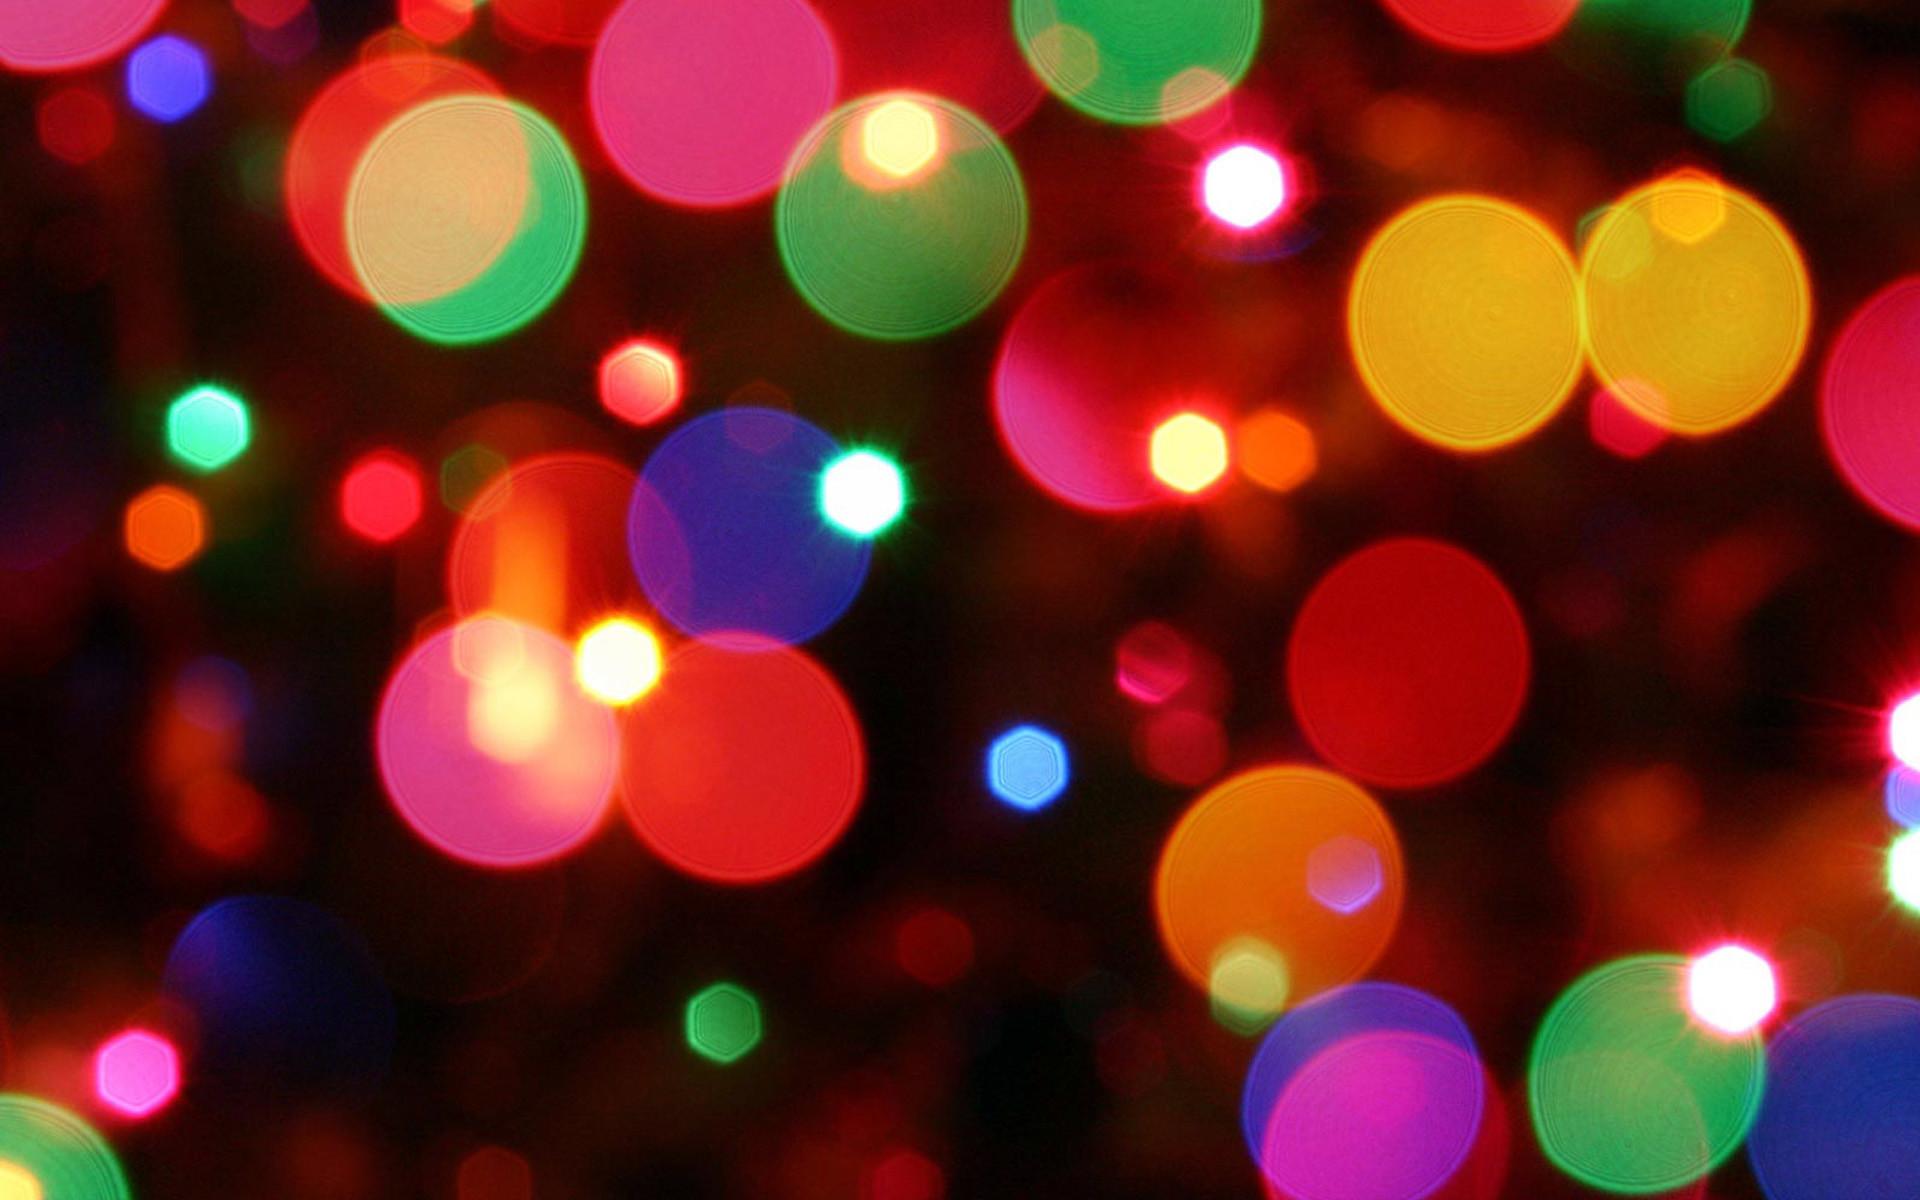 Christmas Lights Wallpaper. 1600×1200. Christmas Lights